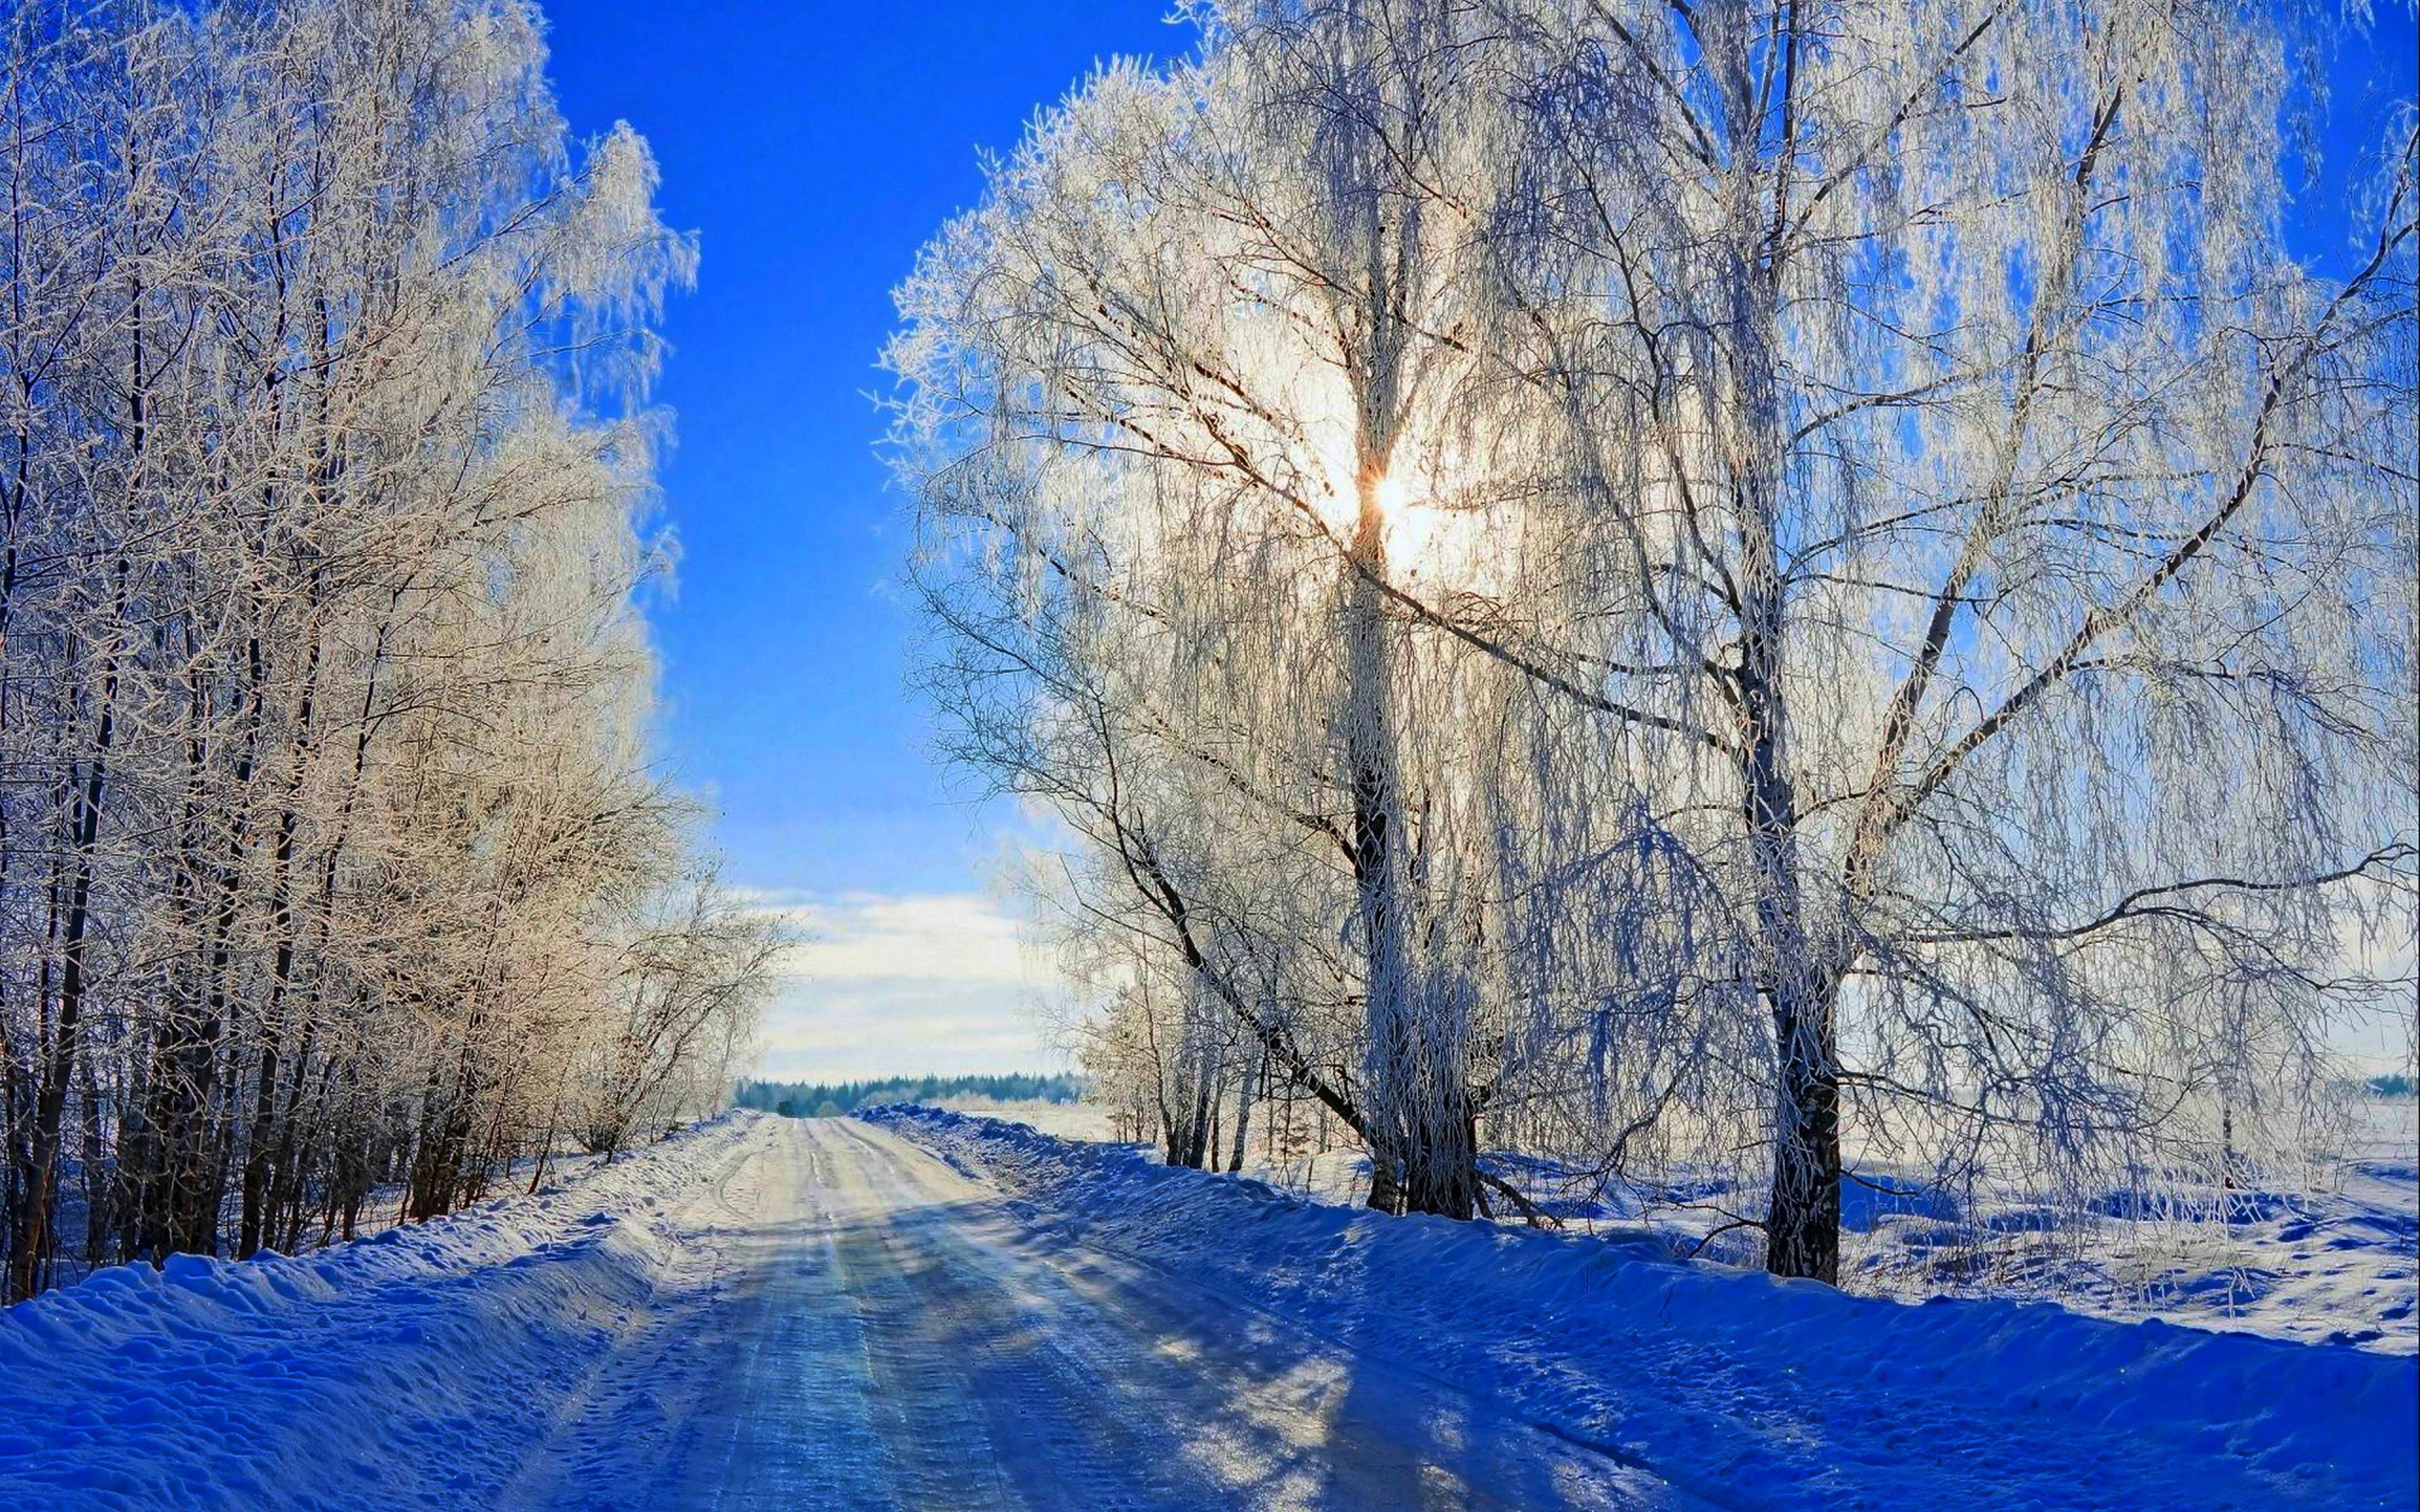 фото лесных пейзажей высокого разрешения